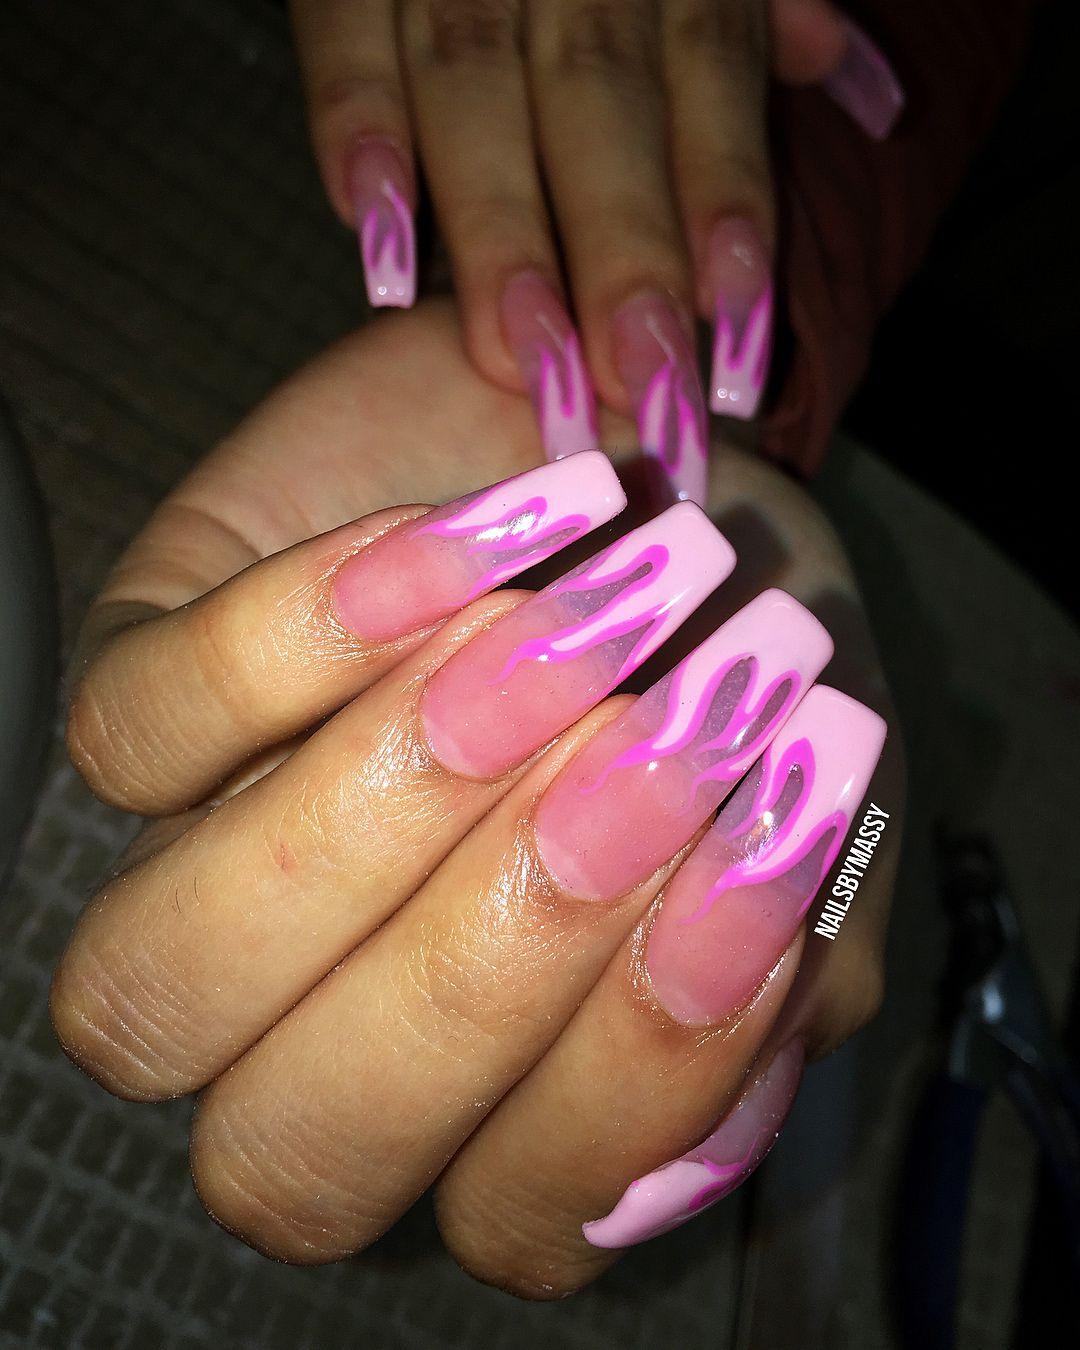 Swipe Pink Flames Nails Njnails Nycnails Thenaillife Hudabeauty Nailsbymassy Nyc Nails Nails Self Nail